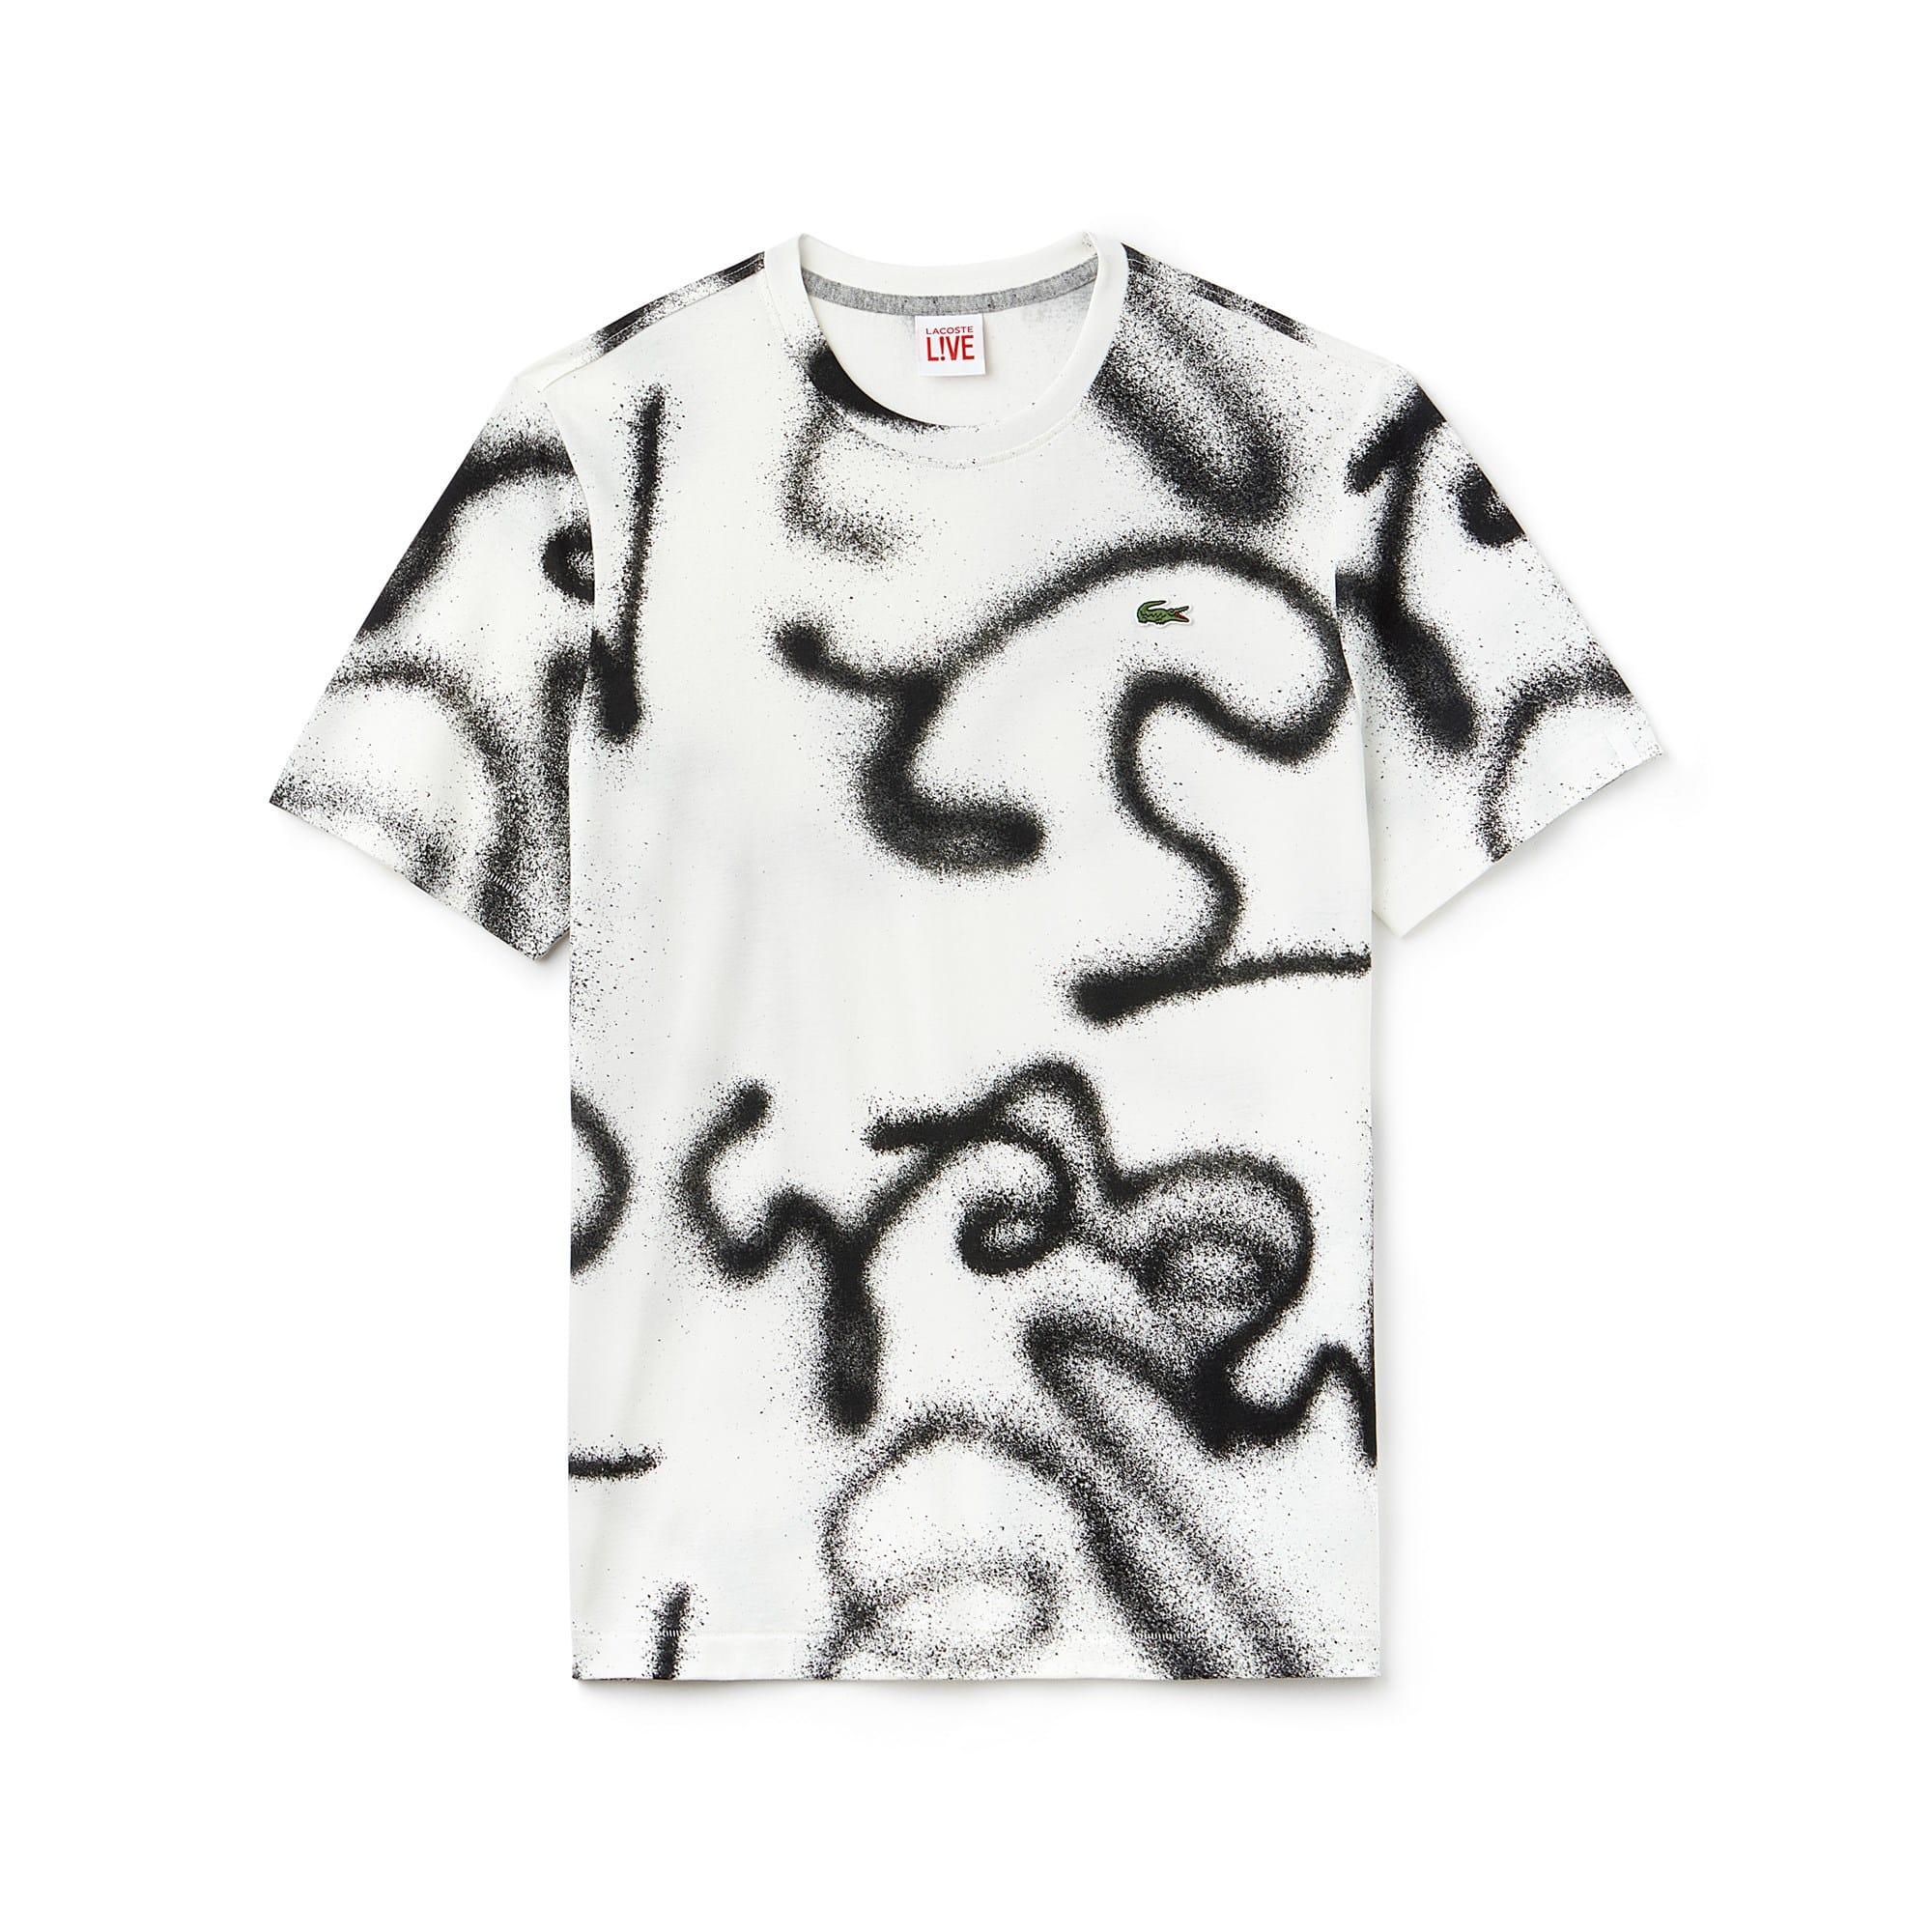 Camiseta de cuello redondo Lacoste LIVE de punto con estampado de graffitis